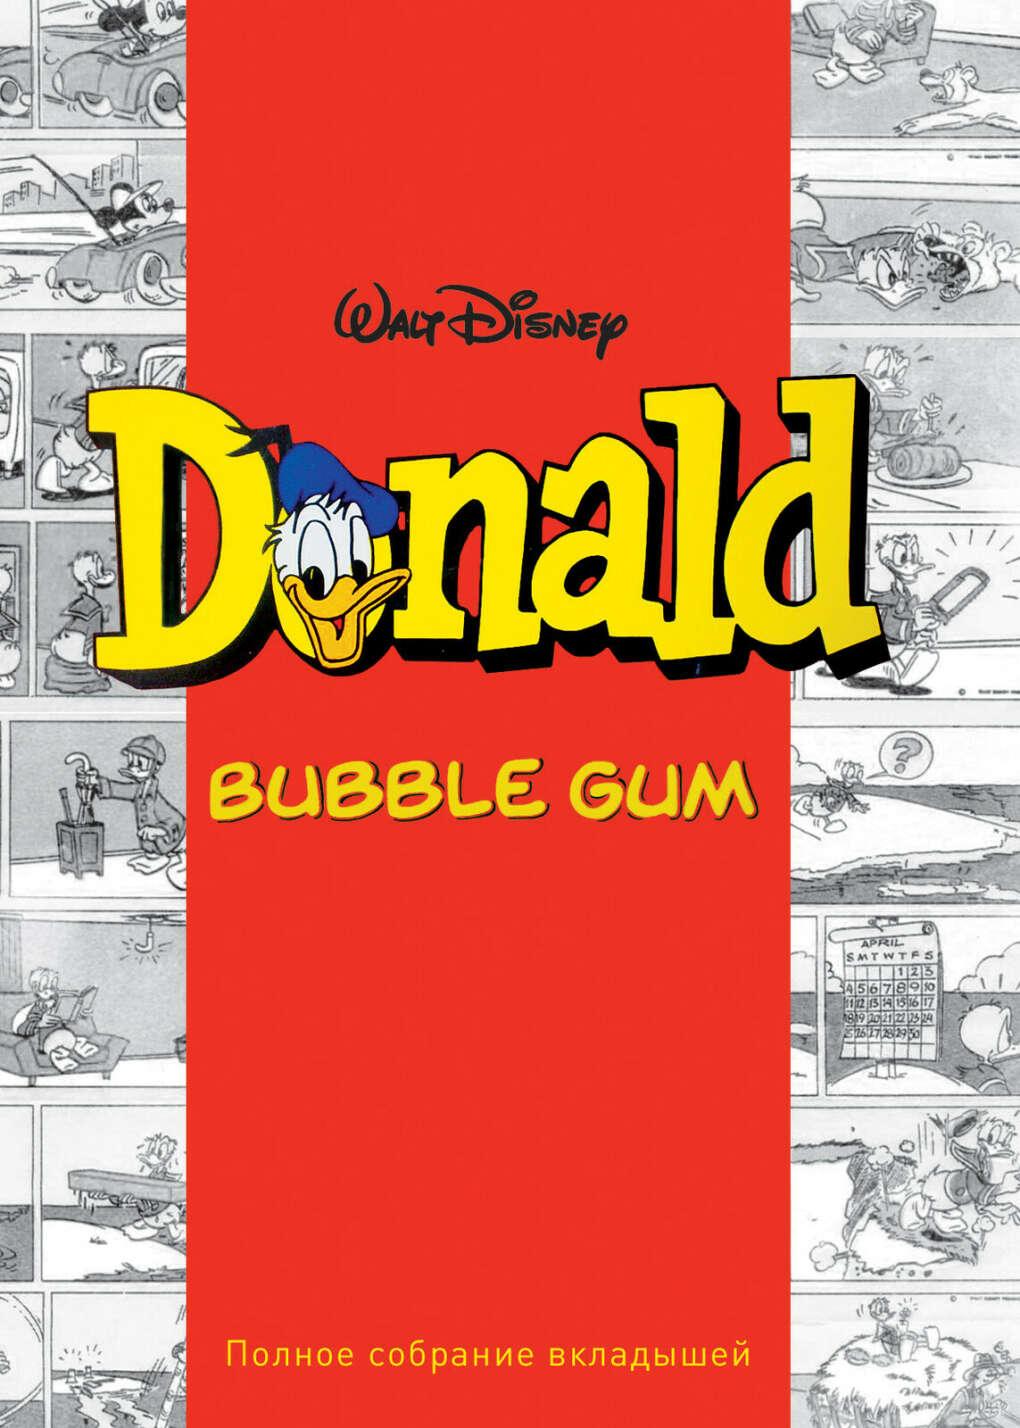 Сборник вкладышей из жвачки Donald